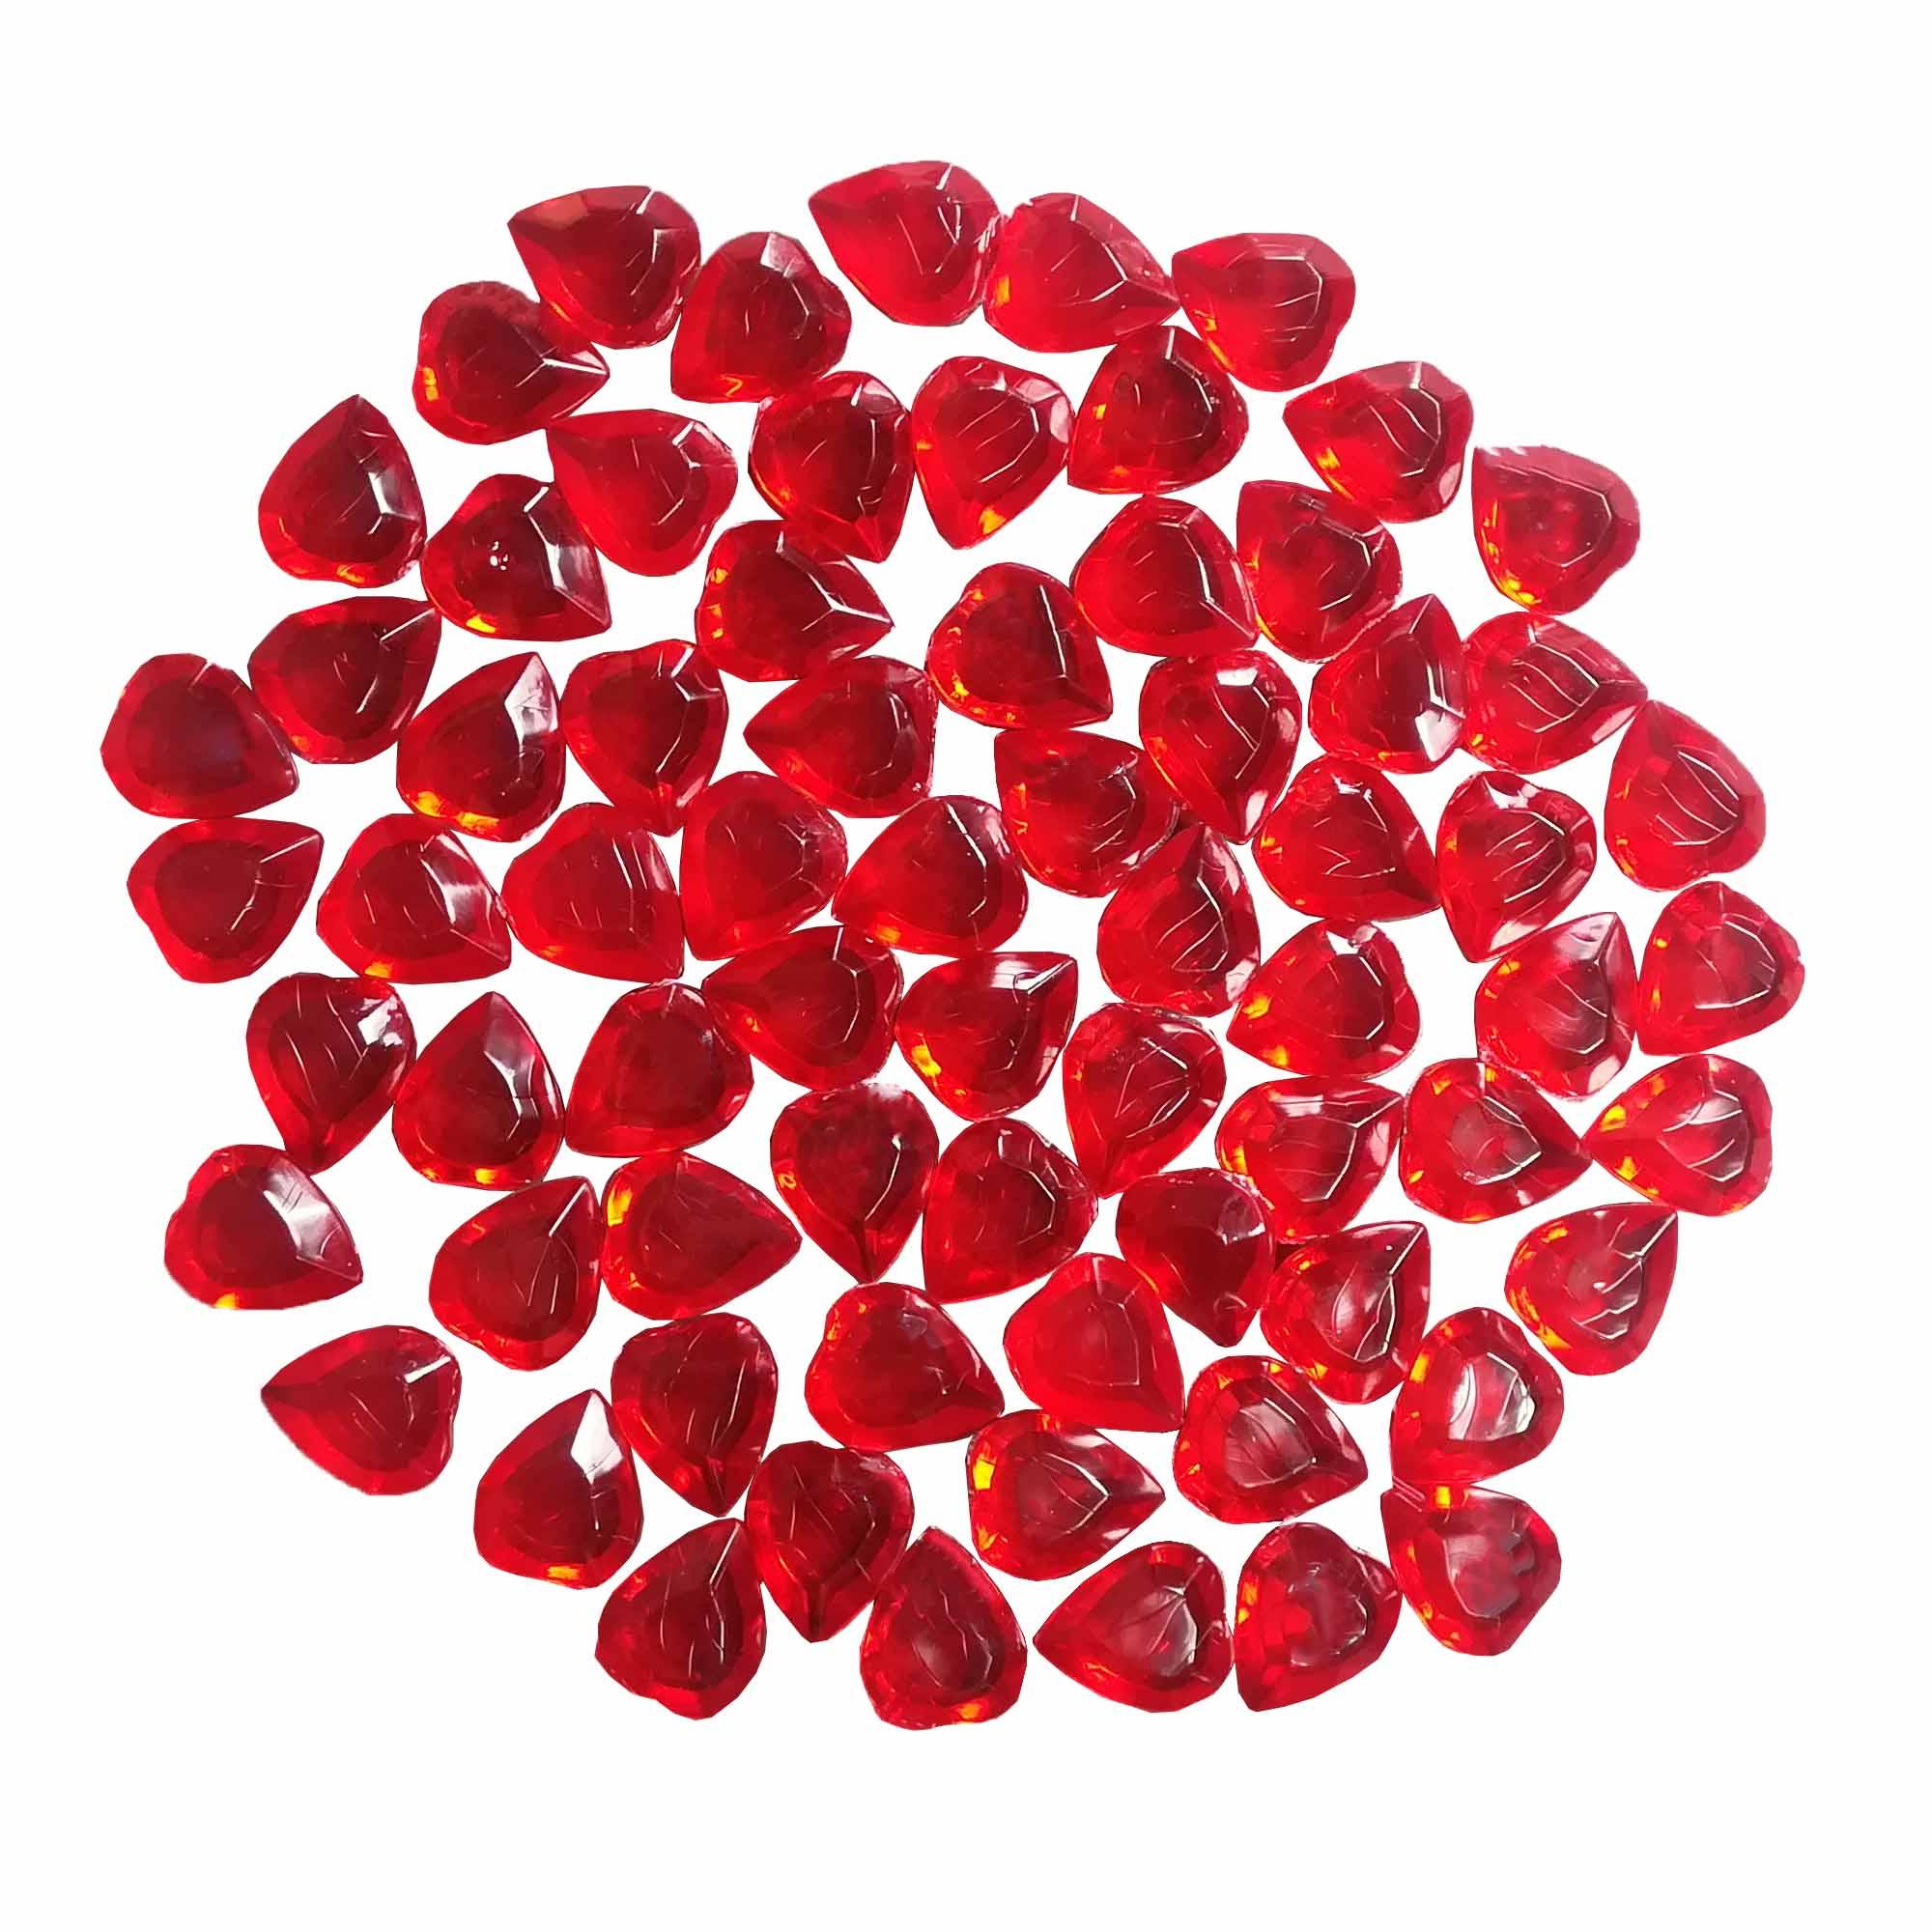 ابزار کادویی طرح قلب کد 0715 بسته 70 عددی